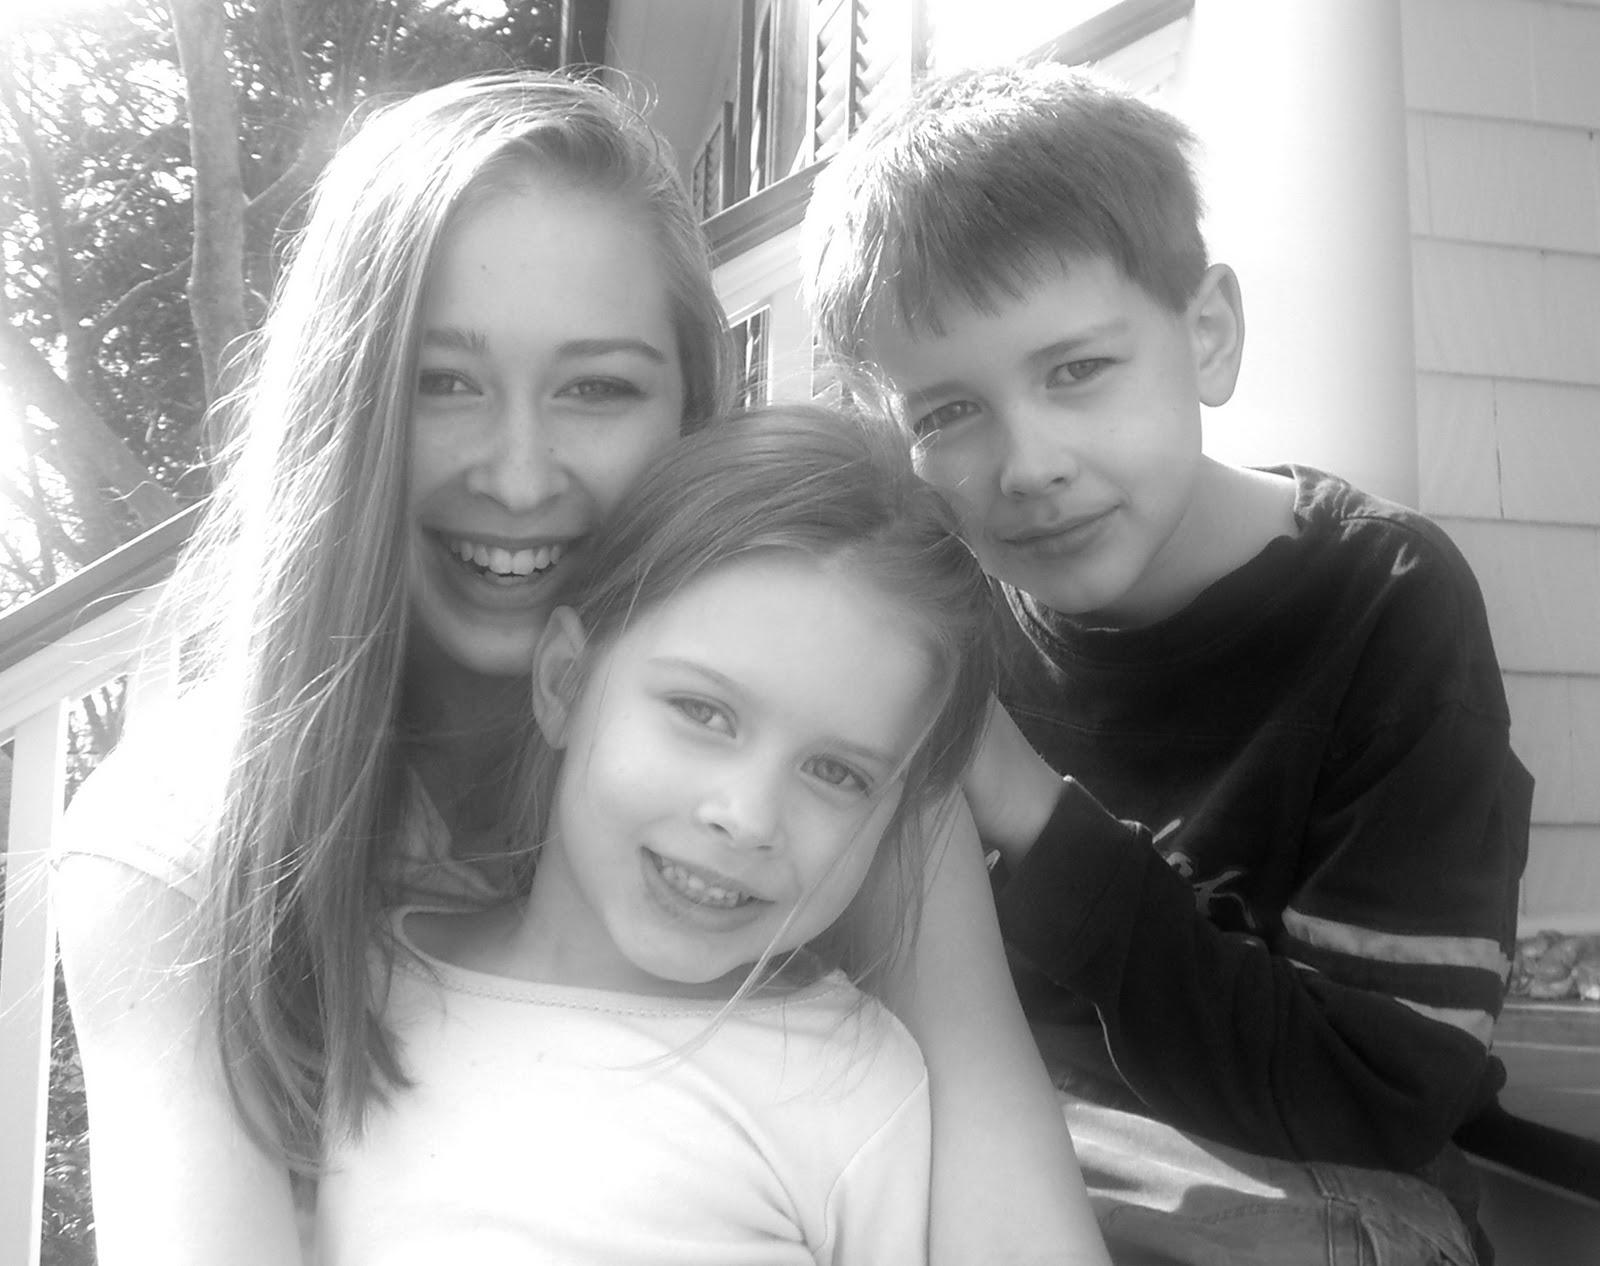 Родная сестра с братом фото 14 фотография